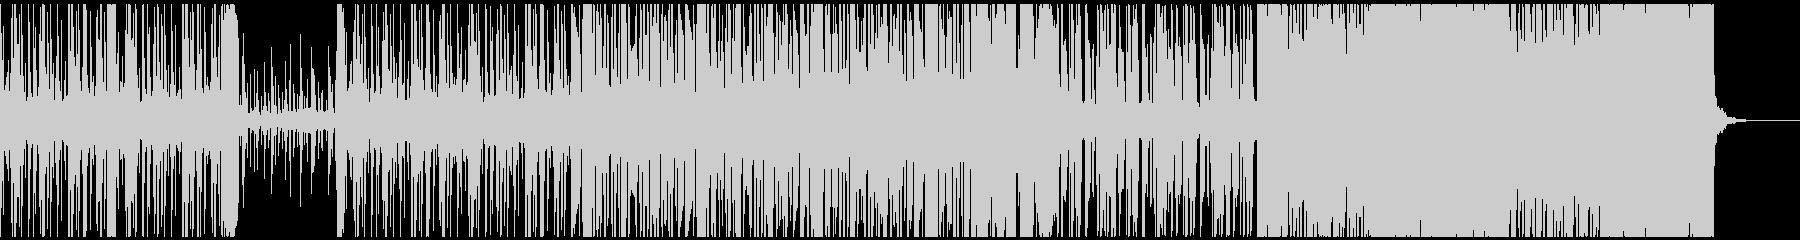 1分仕様 テクノ・ヒップホップの未再生の波形